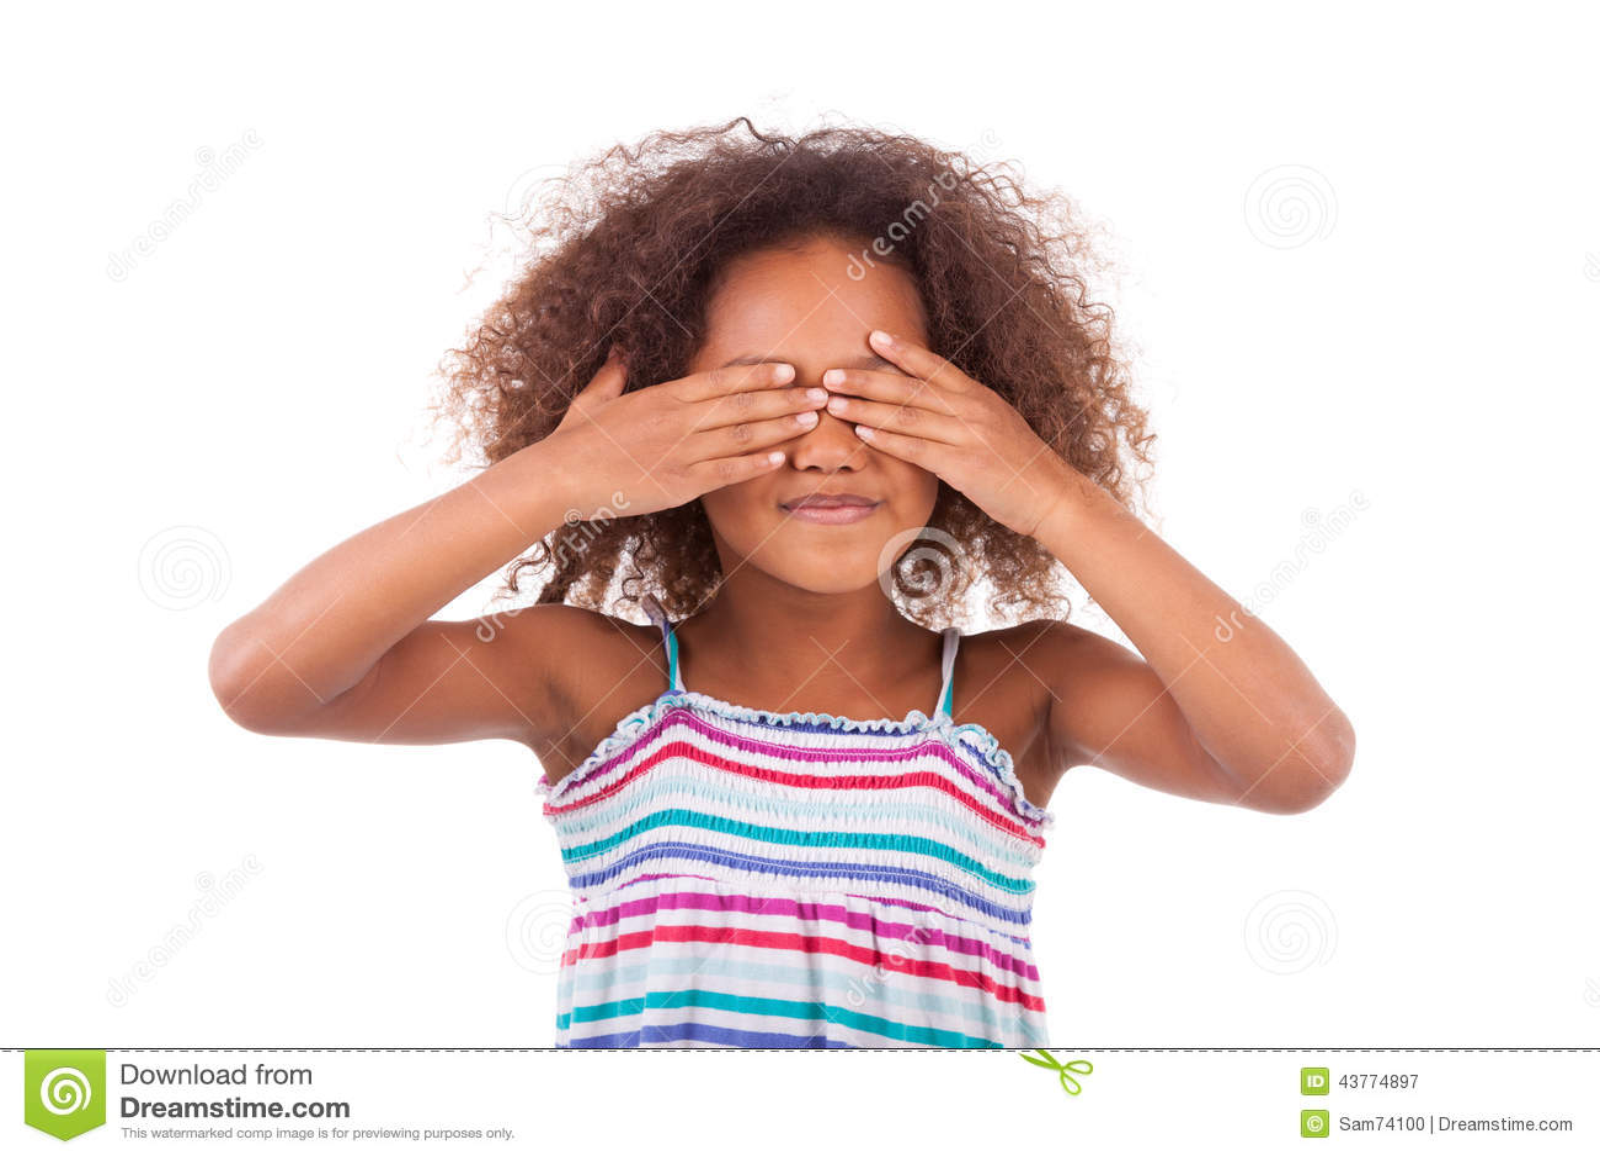 Giovane ragazza afroamericana sveglia che la nasconde occhi - persone di colore